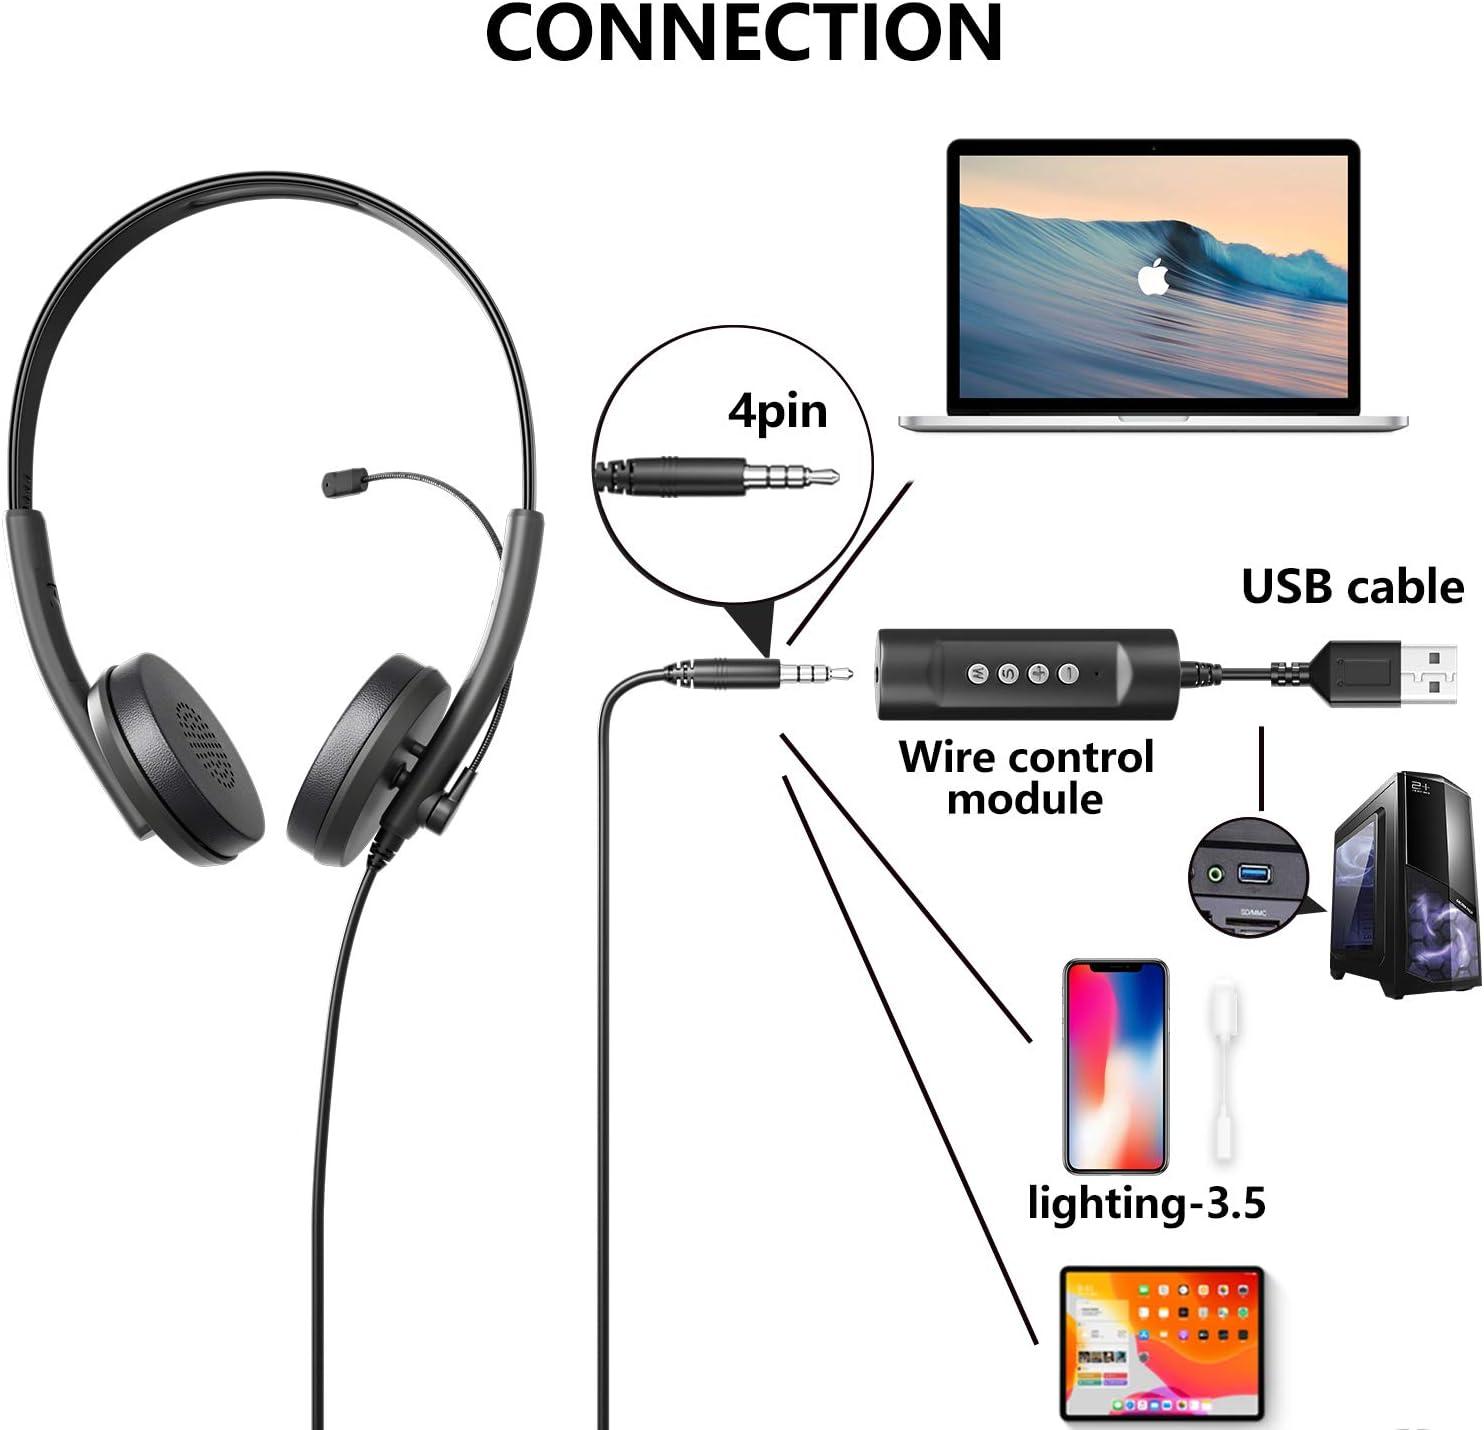 PC Auriculares Diadema Telefono USB//3.5mm M/óviles Skype Tel/éfono Fijo Cascos Diadema con Cancelaci/ón de Ruido Micro para VoIP Oficina Newaner Auriculares PC con Cable y Micr/ófono Teleconfe